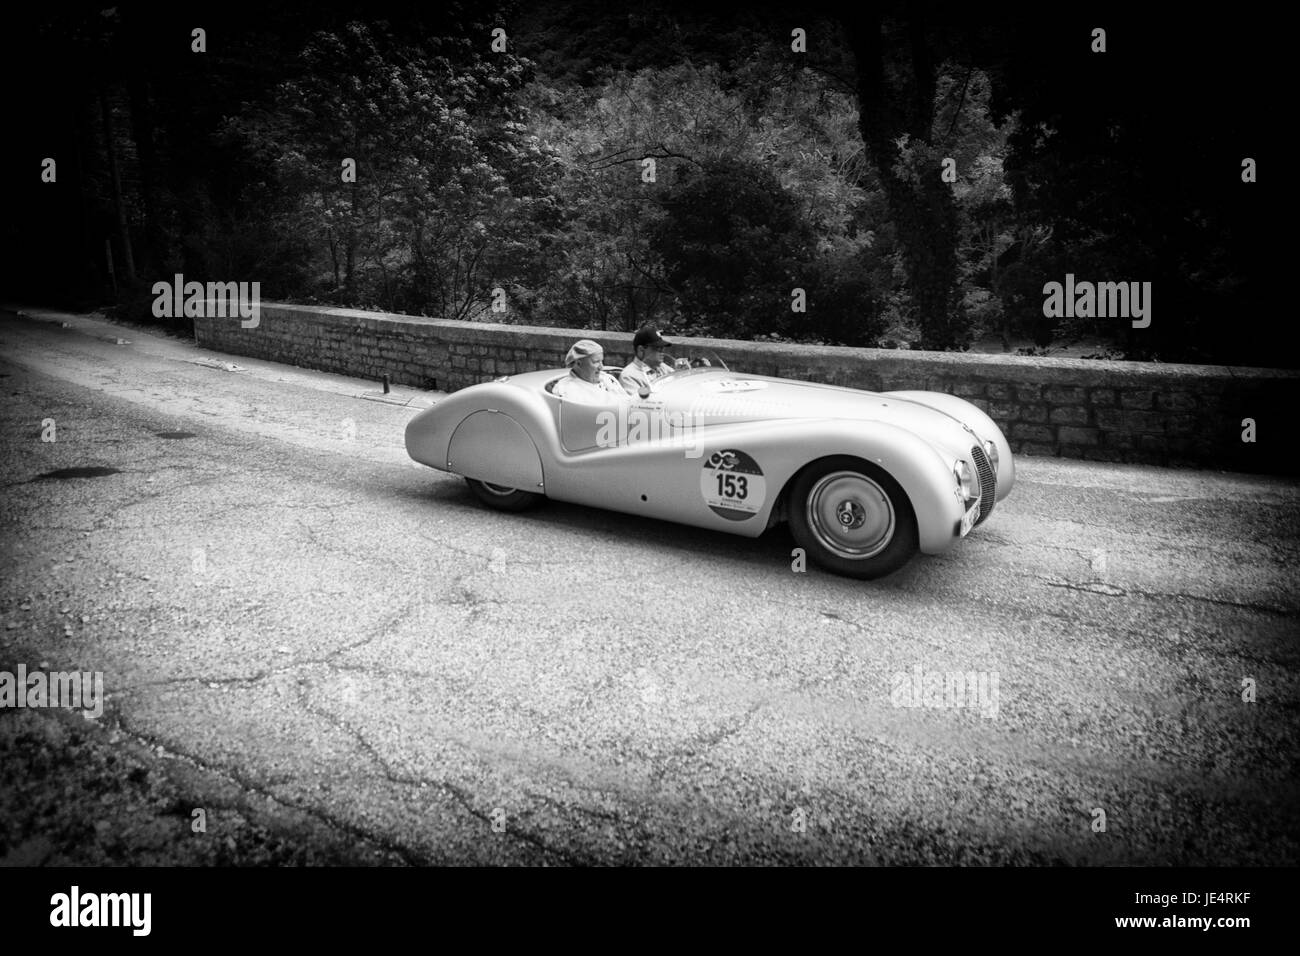 GOLA DEL FURLO, Italia - 19 de mayo de 2017: BMW 328 SPIDER Mille Miglia 1939 en un viejo coche de carreras de rally Imagen De Stock